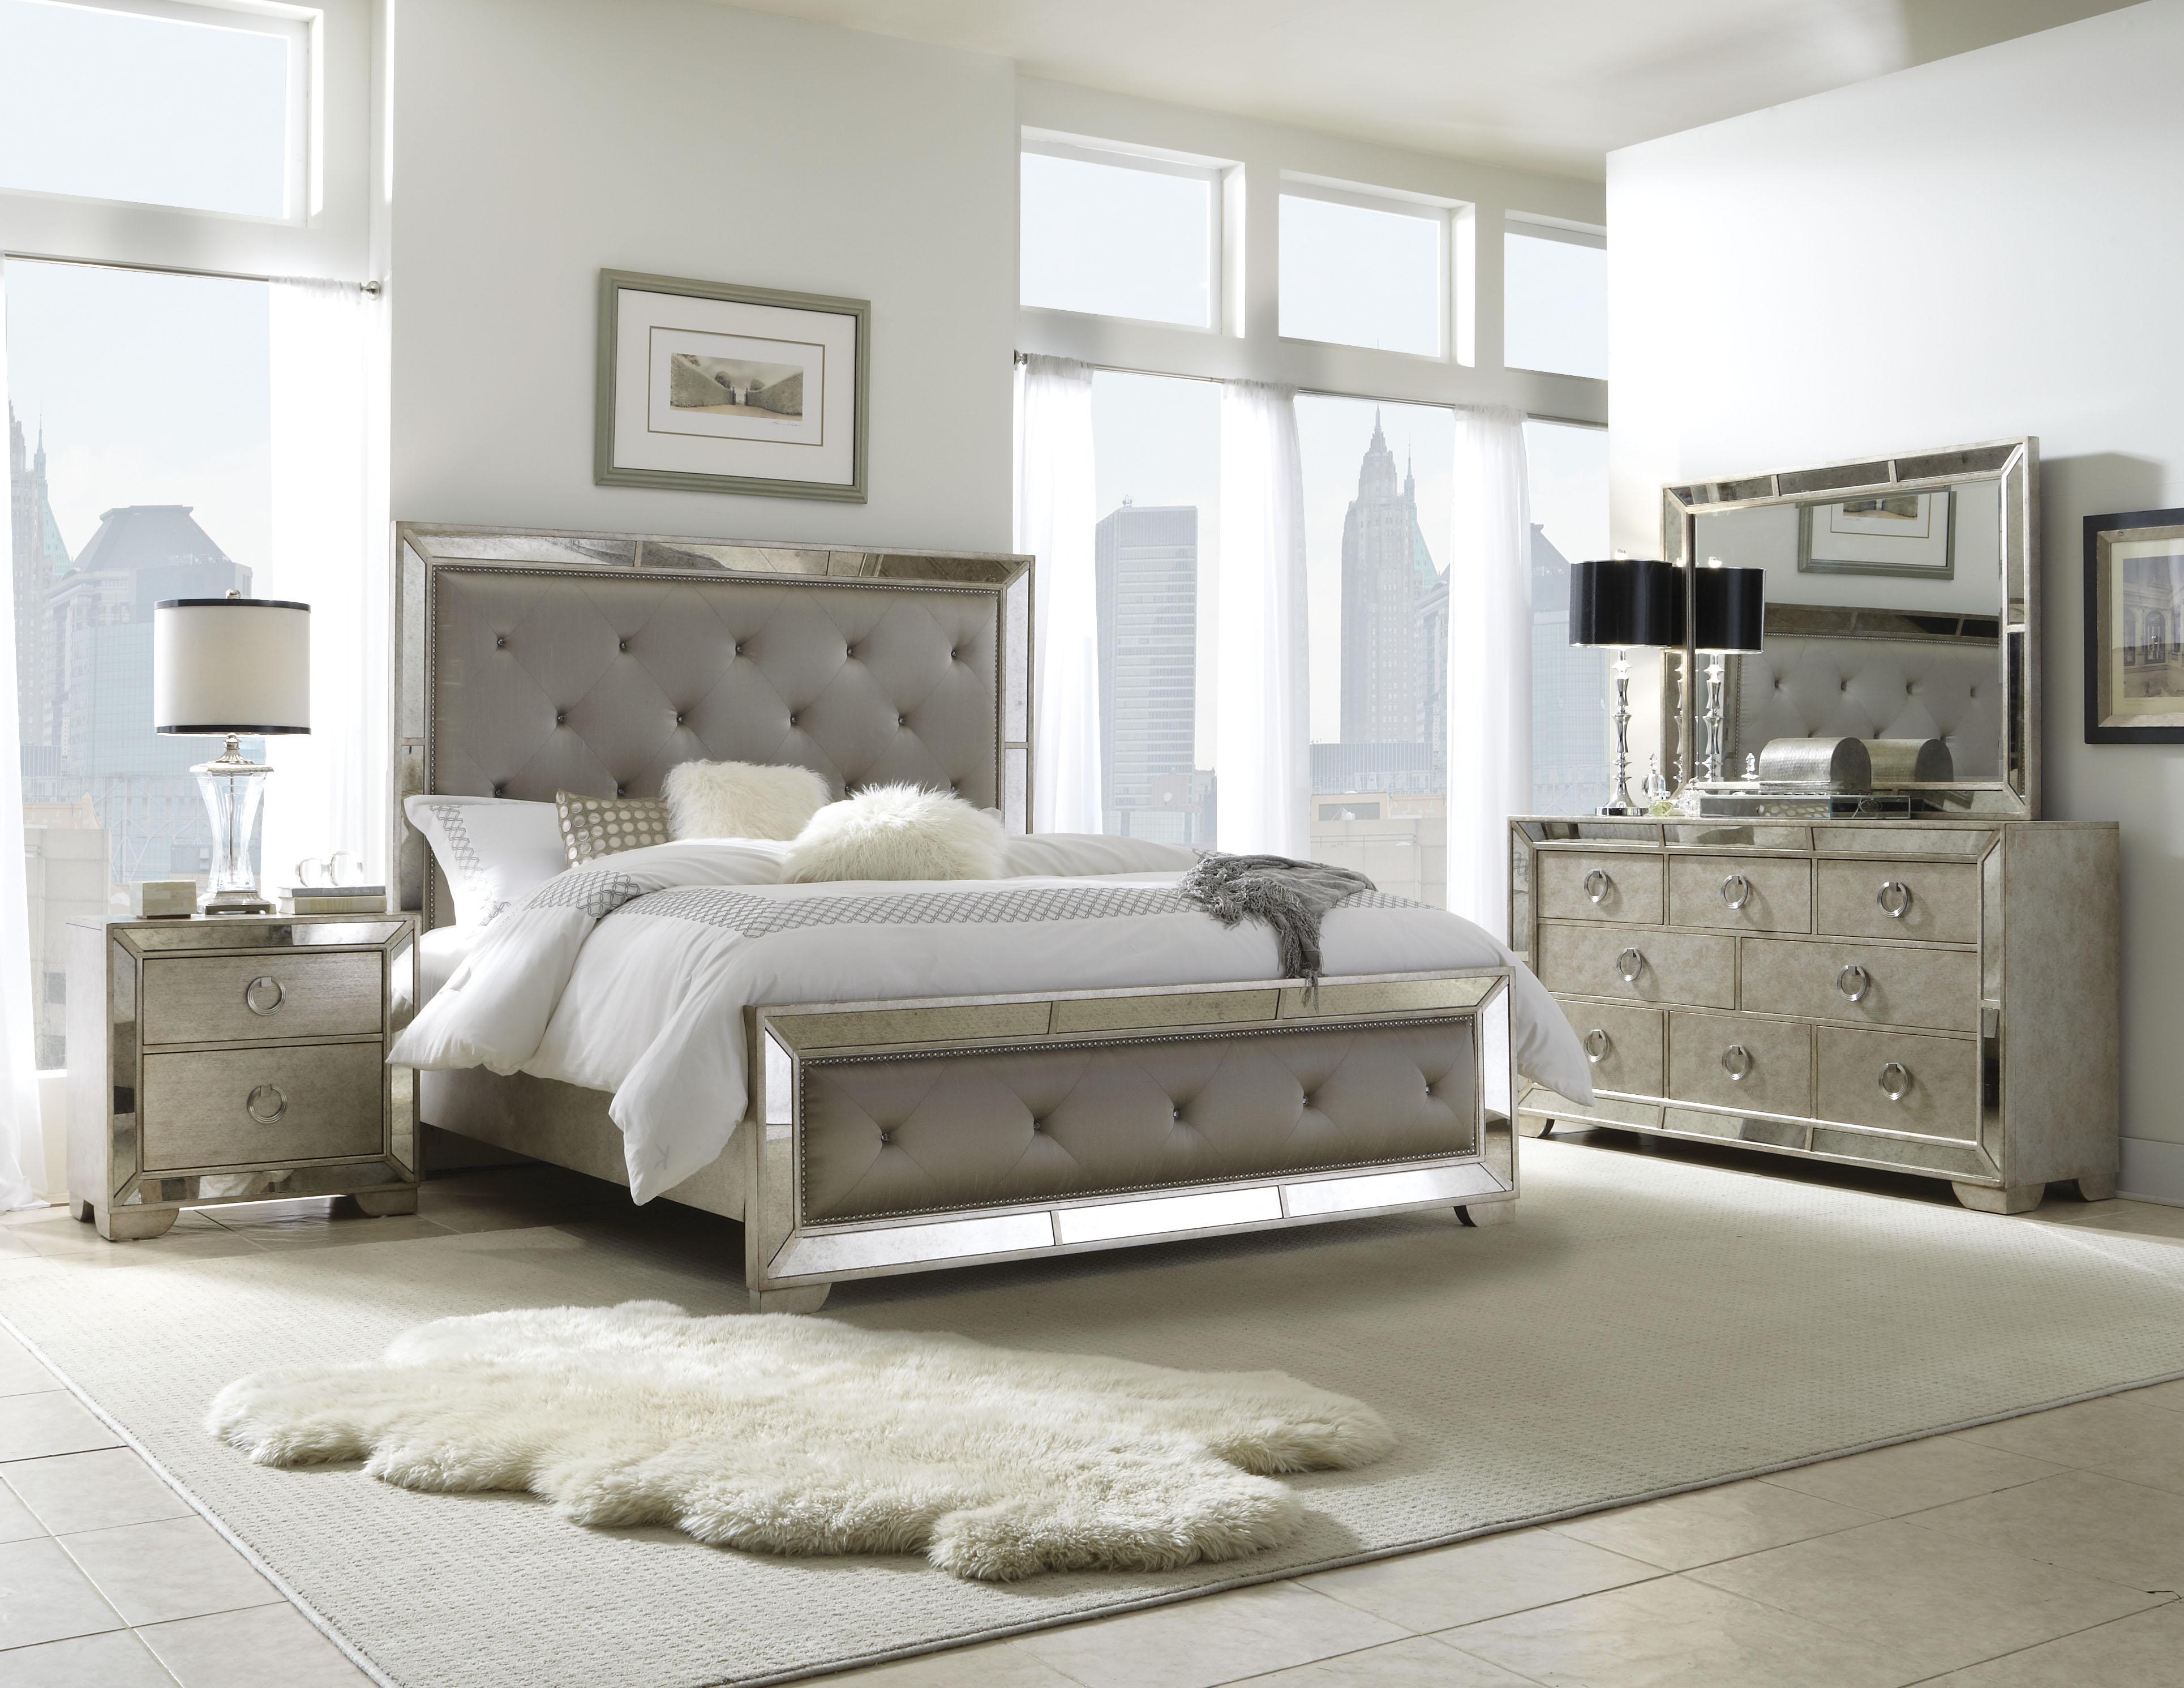 Pulaski Furniture Farrah King Bedroom Group - Item Number: 395 K Bedroom Group